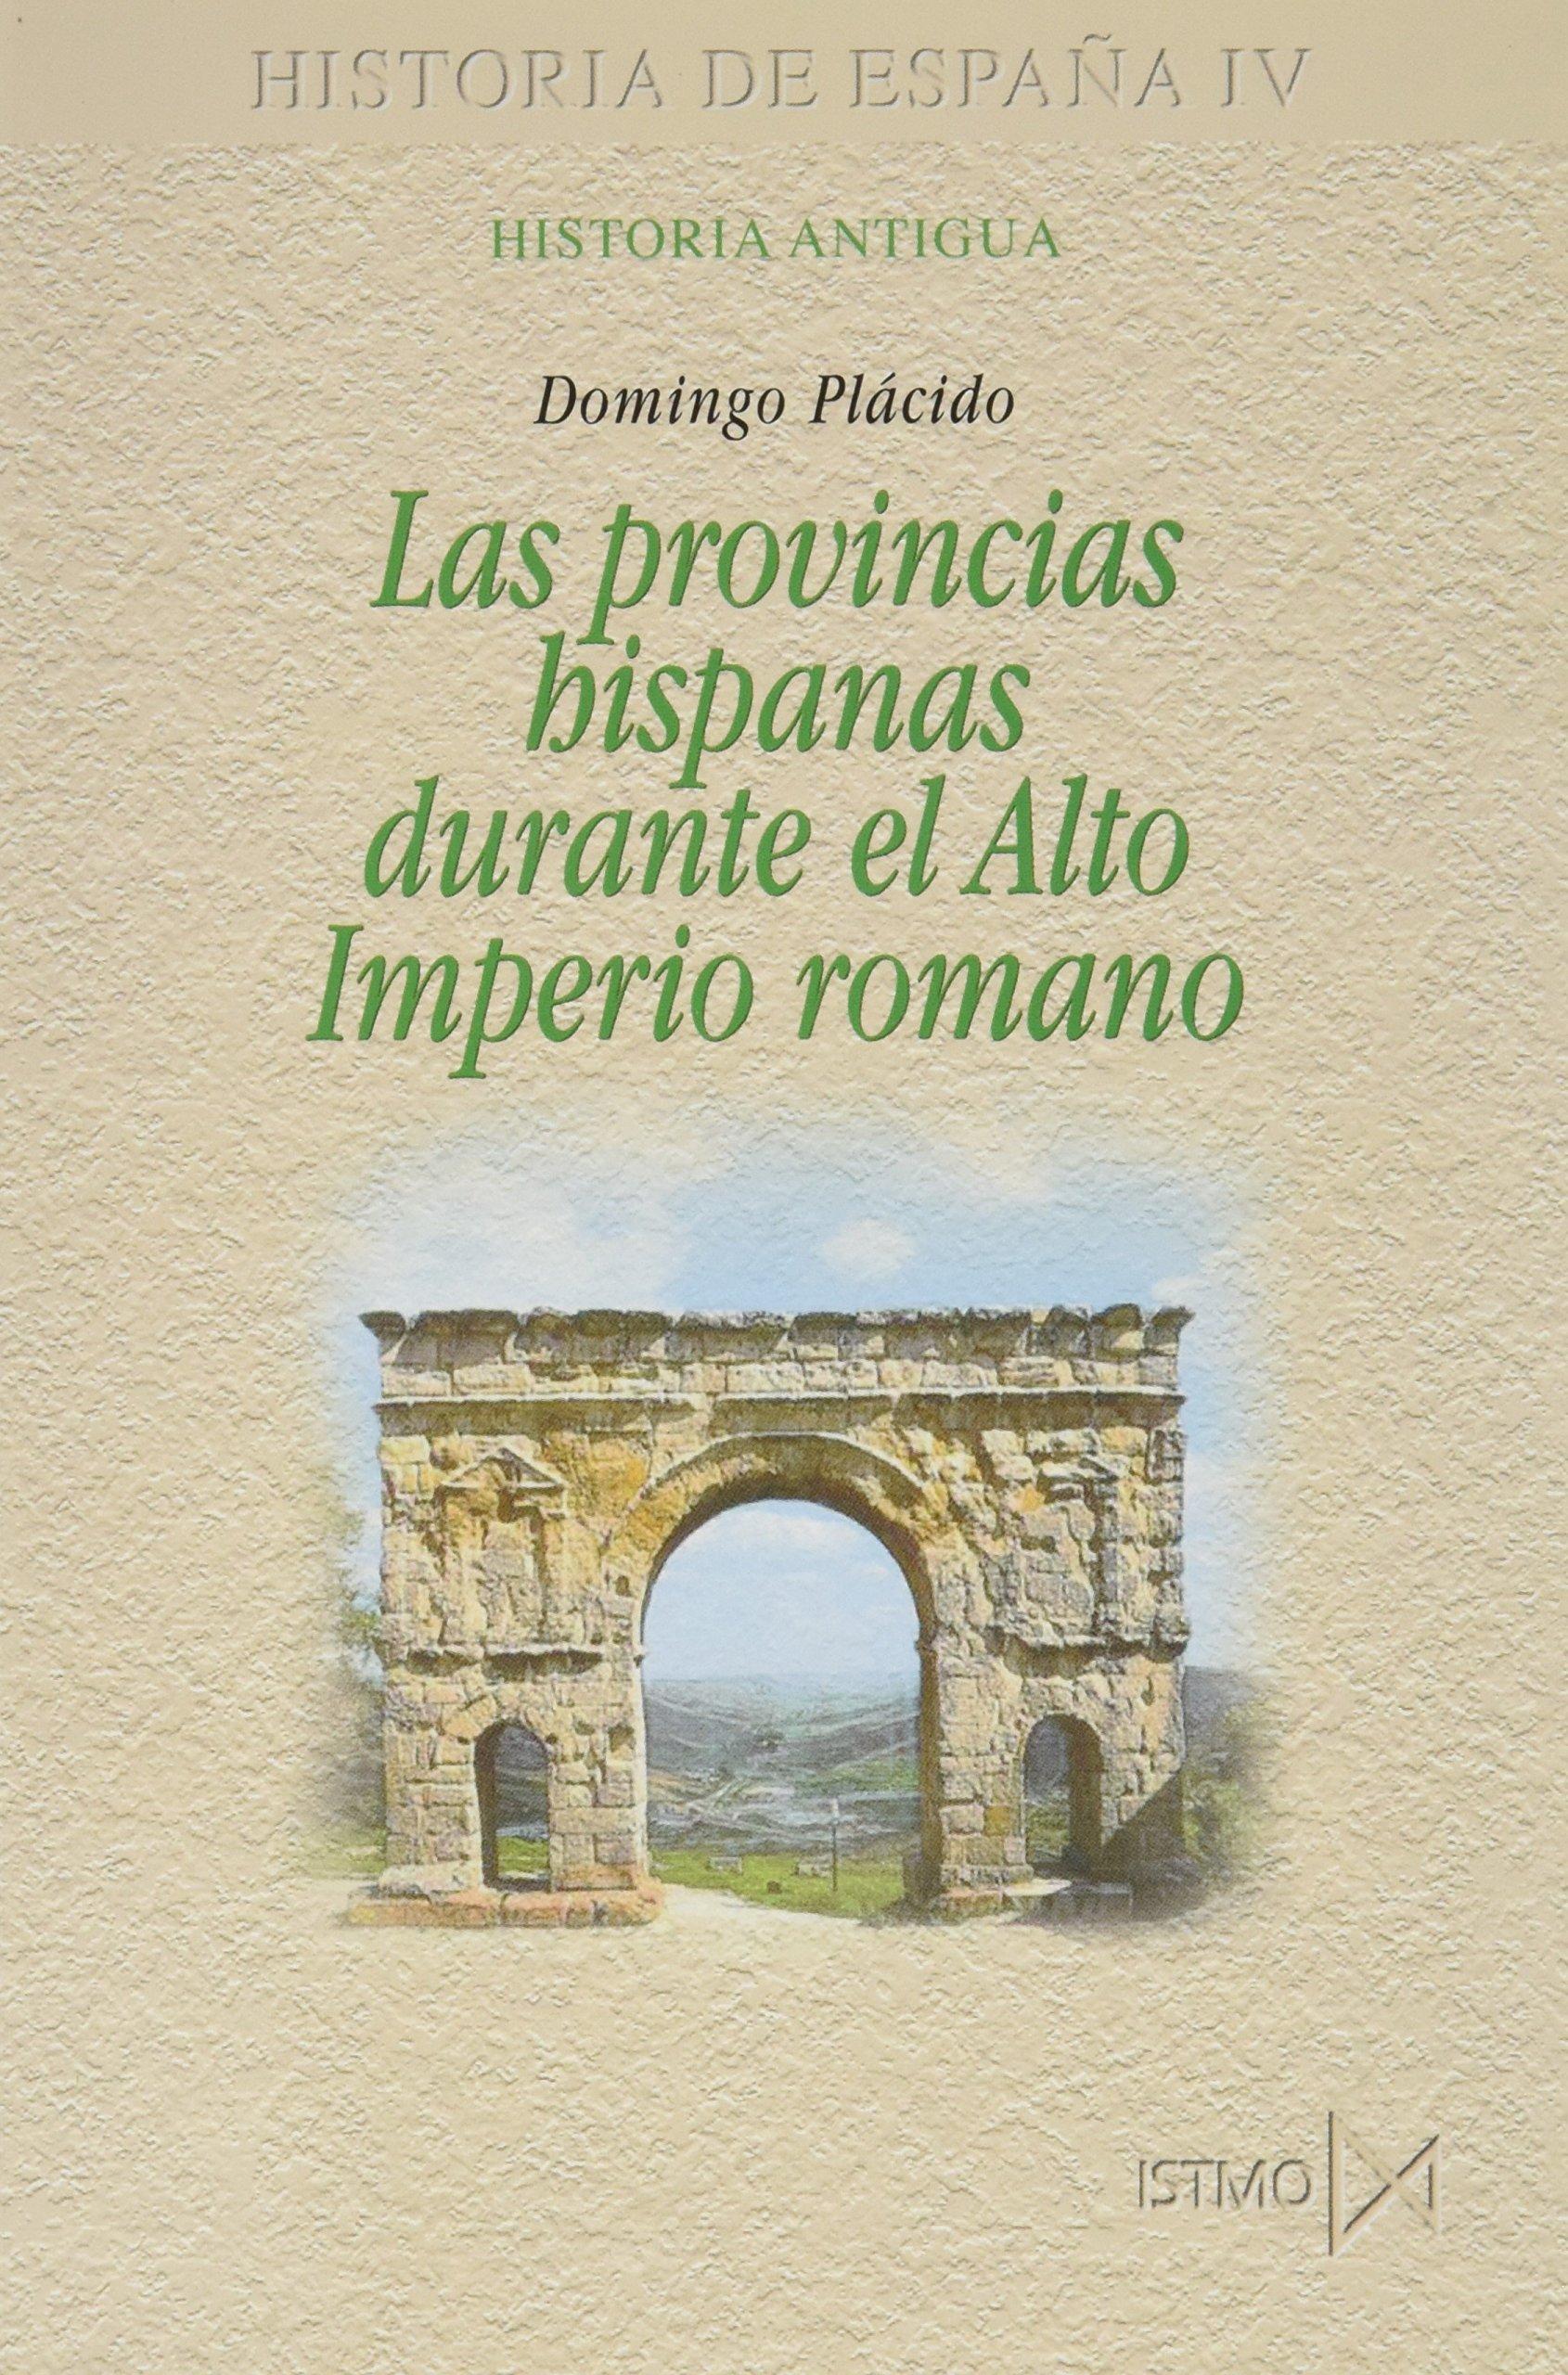 Las provincias hispanas durante el Alto Imperio romano: 180 Fundamentos: Amazon.es: Plácido, Domingo: Libros